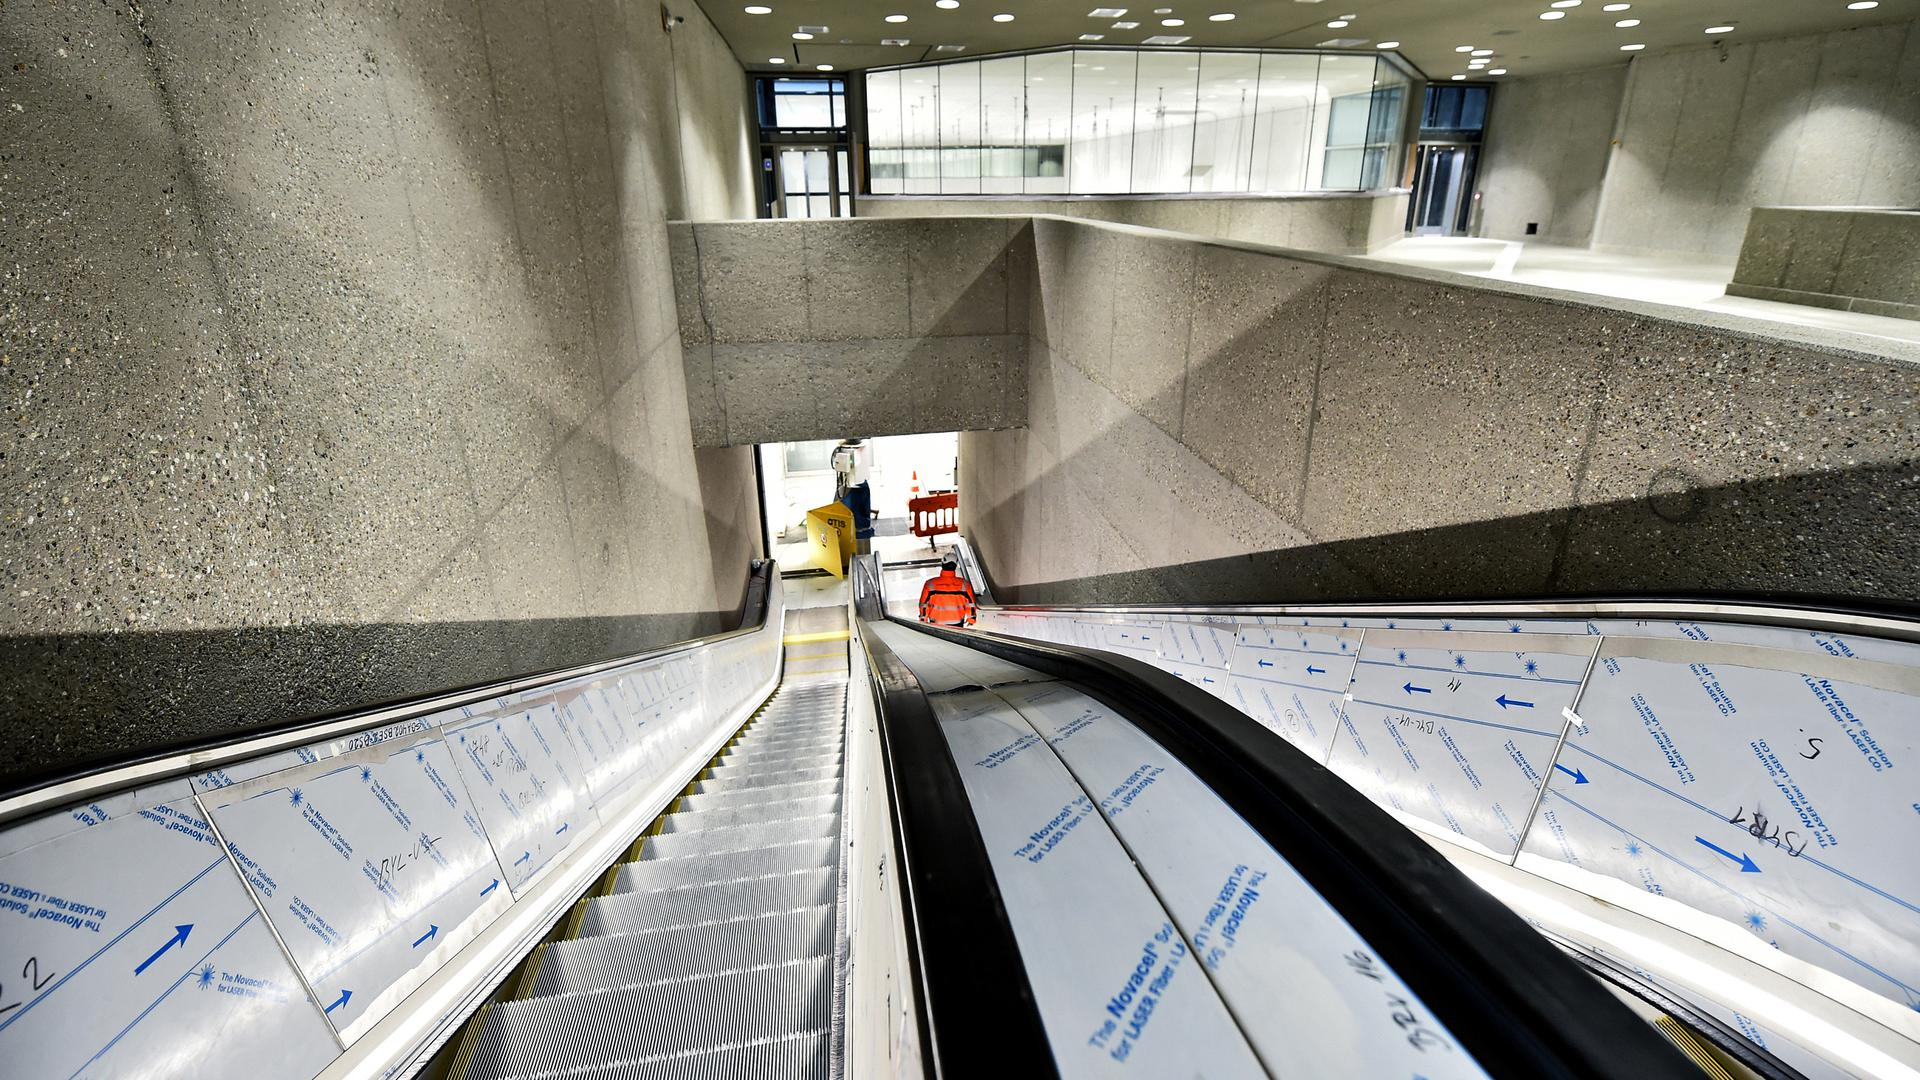 Rolltreppen führen von einer Zwischenebene der Kombilösung Karlsruhe zu der unterirdischen Haltestelle am Marktplatz.